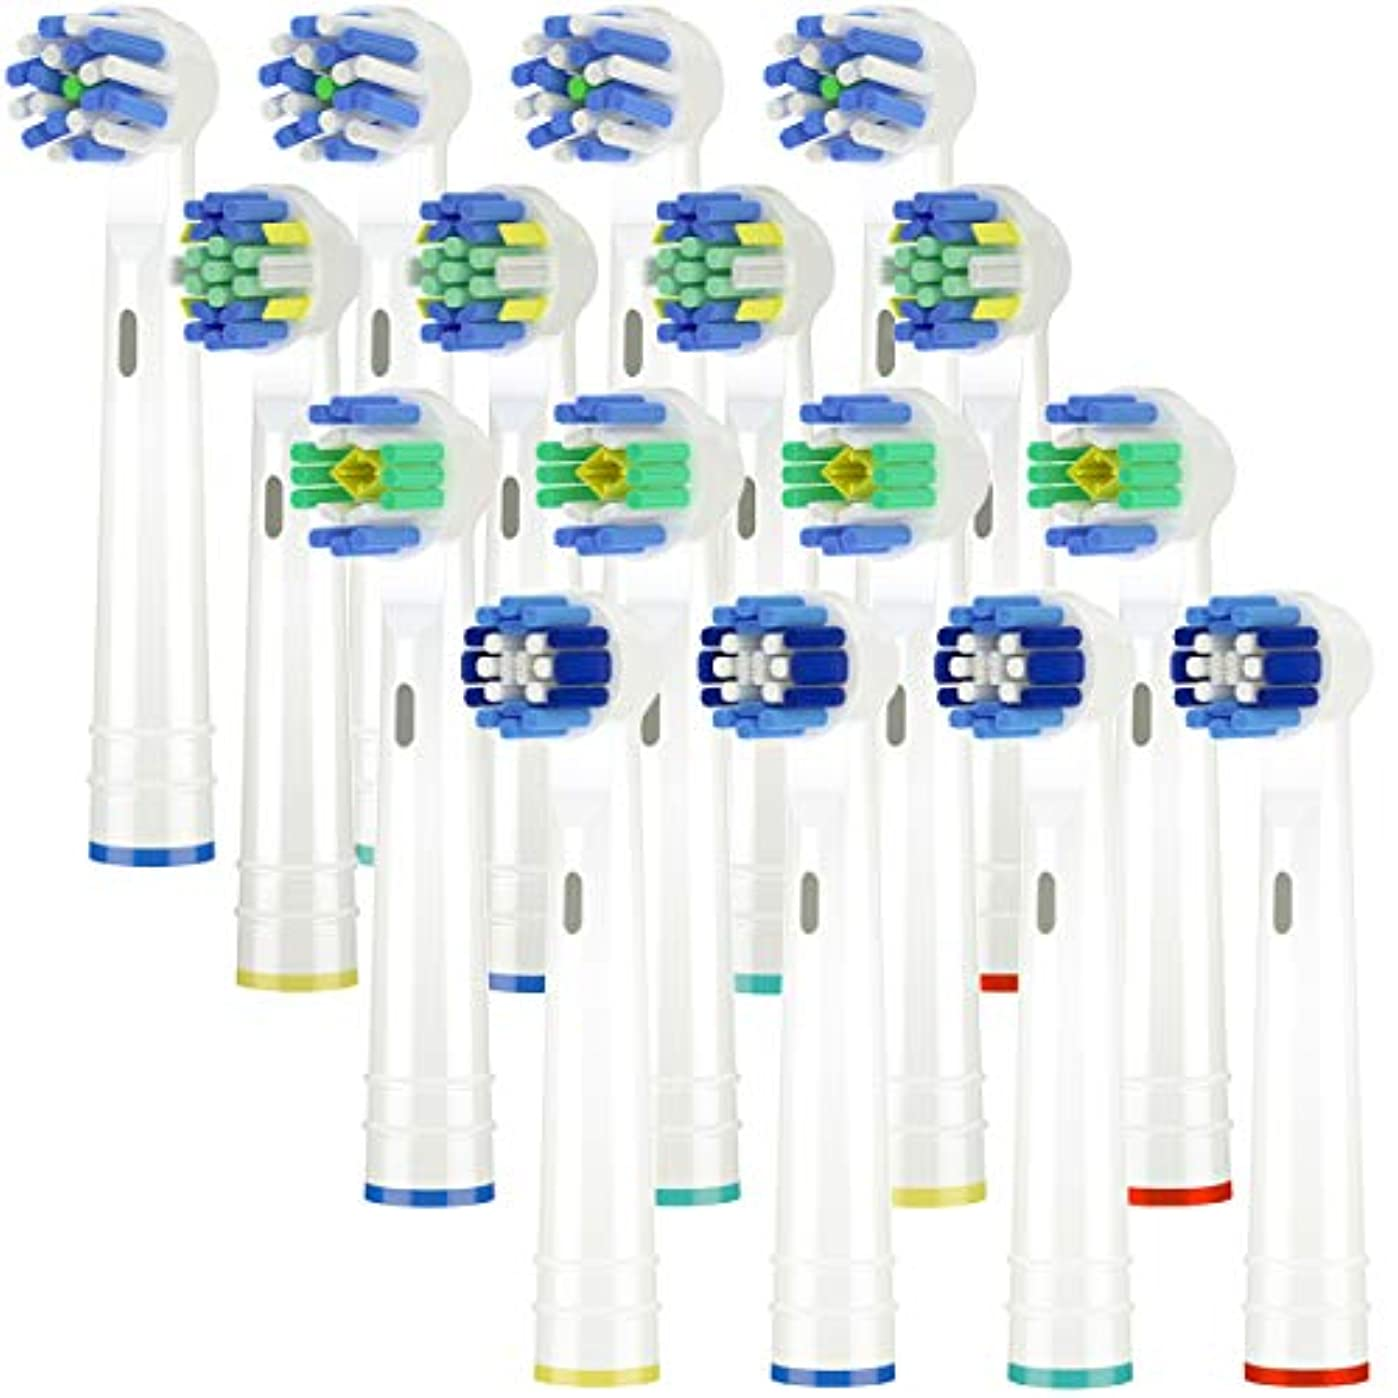 漫画より多いウェイターItechnik 電動歯ブラシ 替えブラシ ブラウン オーラルB 対応 替えブラシ 4種類が入り:ホワイトニングブラシ 、ベーシックブラシ、歯間ワイパー付きブラシ、マルチアクションブラシ 凡用な16本